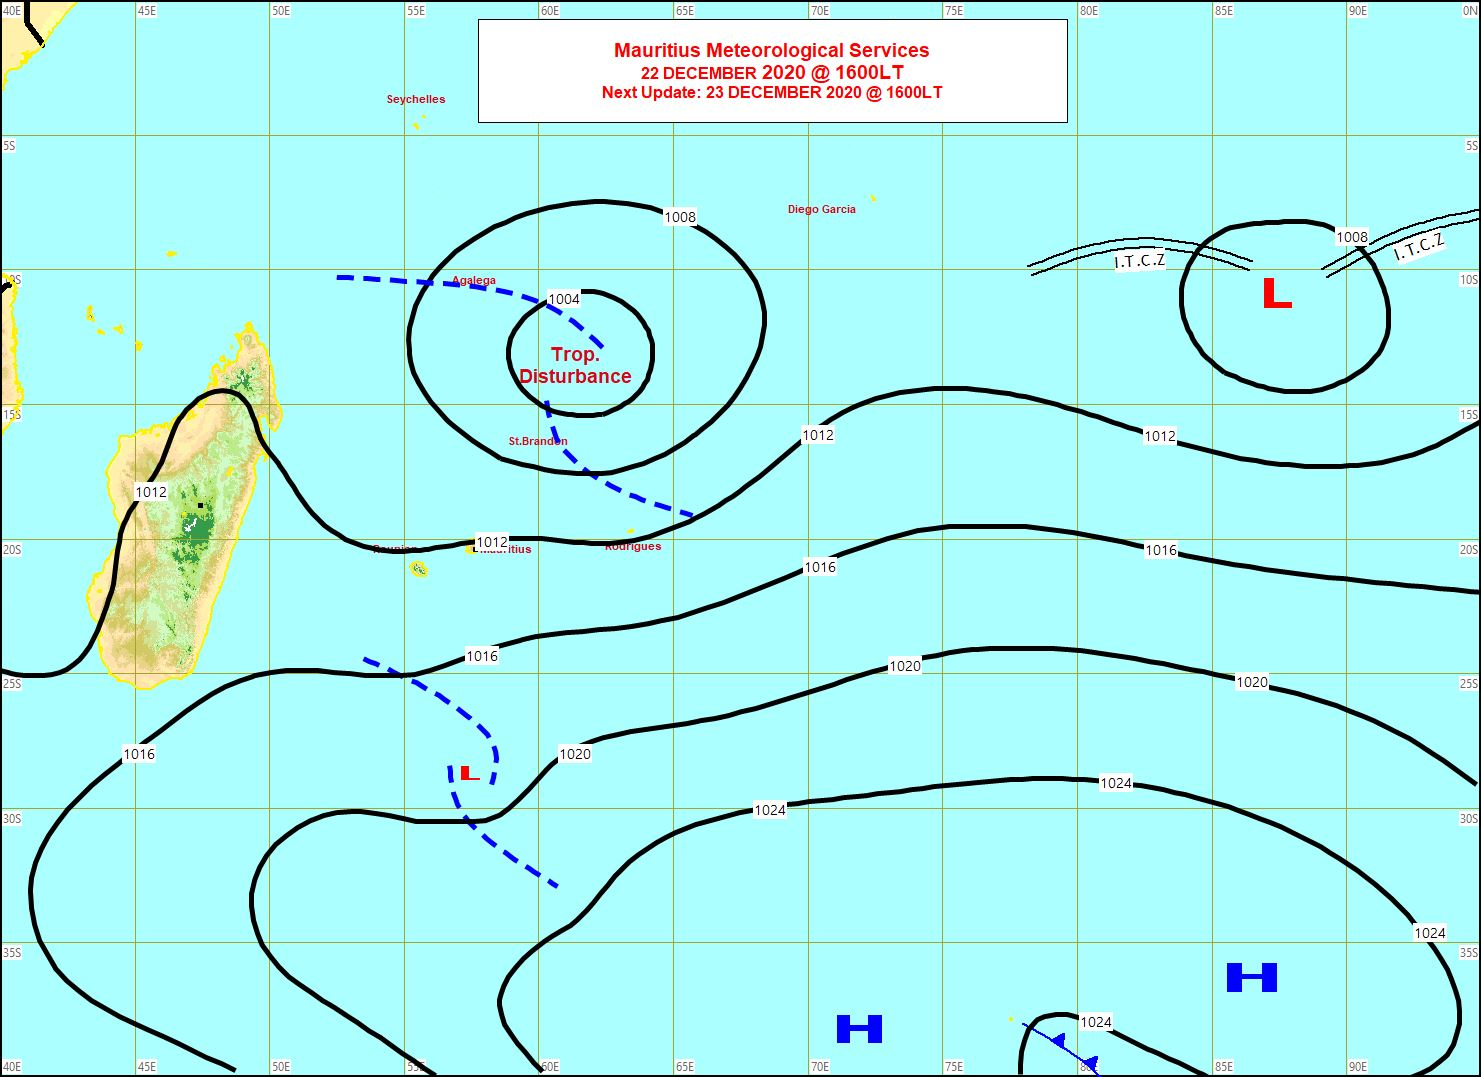 Carte de la situation de surface émise par la météo mauricienne à 16h ce Mardi. 95S se rapproche de Saint Brandon, alors que loin à l'Est des Chagos la zone 93S persiste mais ne montre toujours pas de signes patents d'organisation pour le moment. MMS/Vacoas